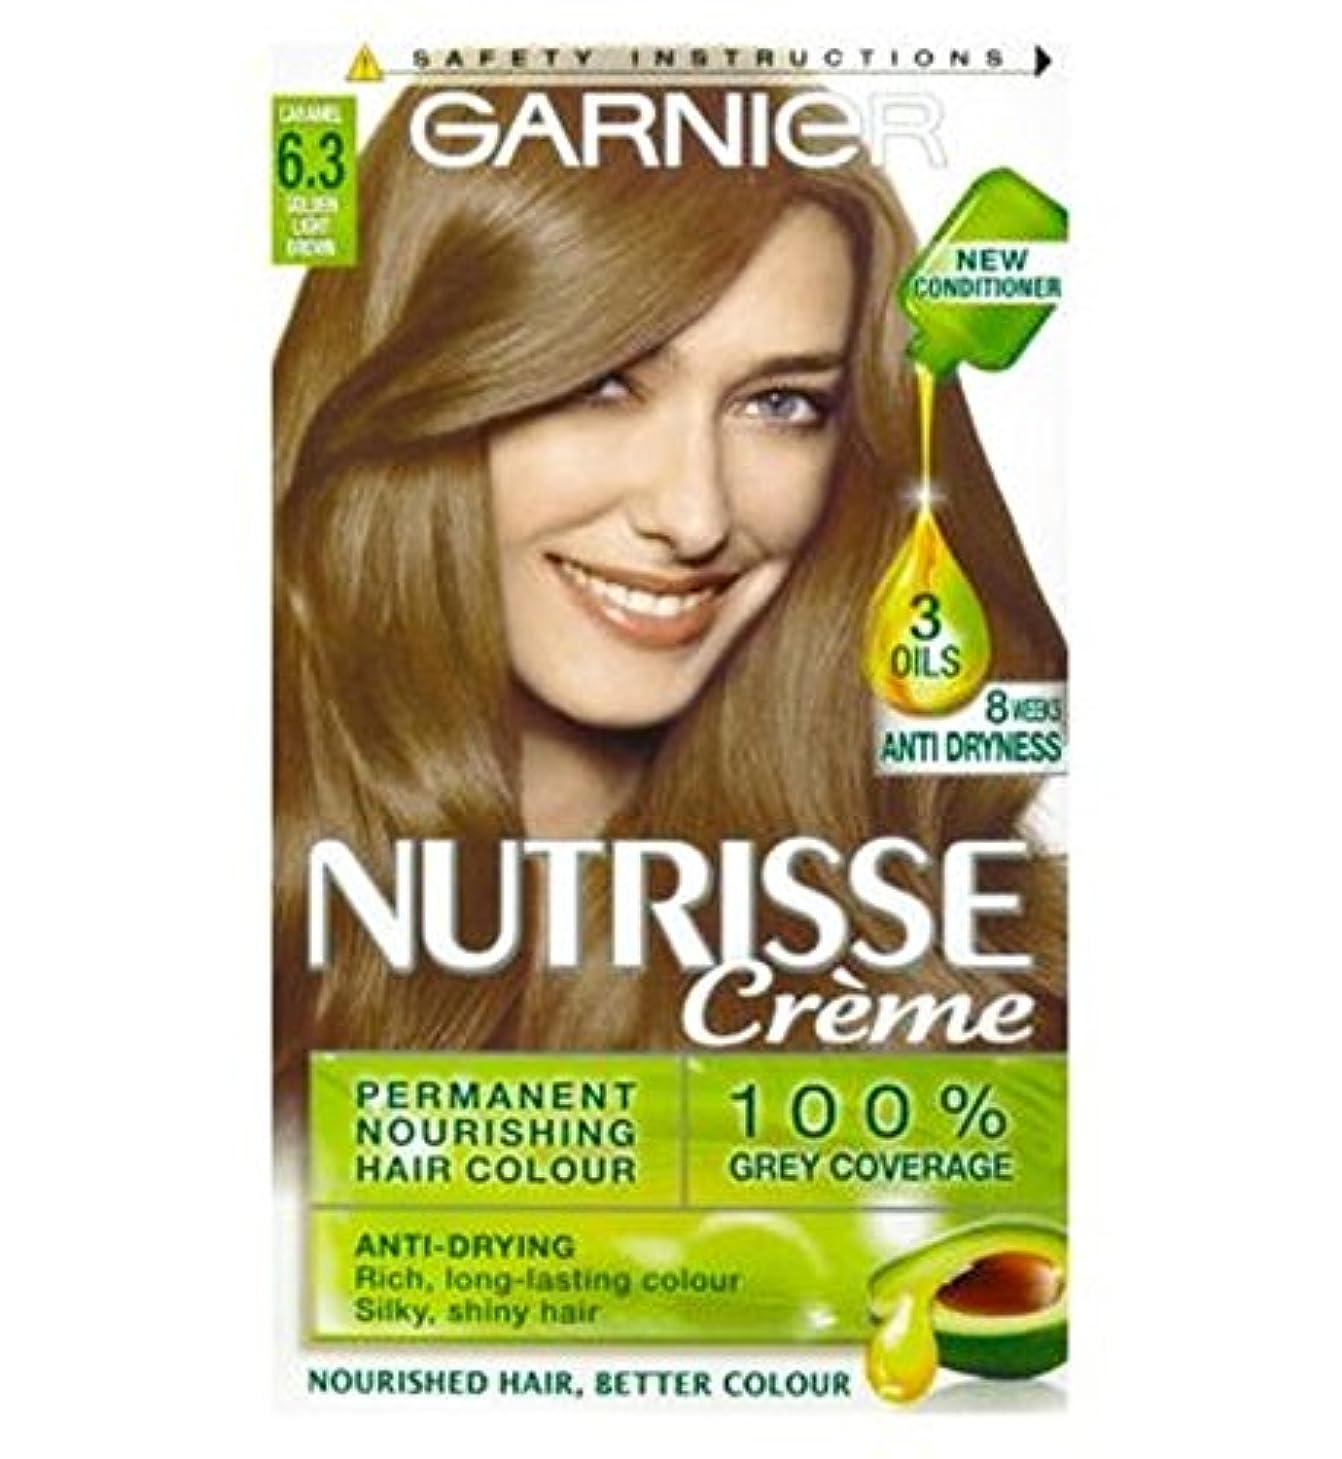 あいまいに渡ってラップガルニエNutrisseクリームパーマネントヘアカラー6.3キャラメルライトブラウン (Garnier) (x2) - Garnier Nutrisse Cr?me Permanent Hair Colour 6.3 Caramel...